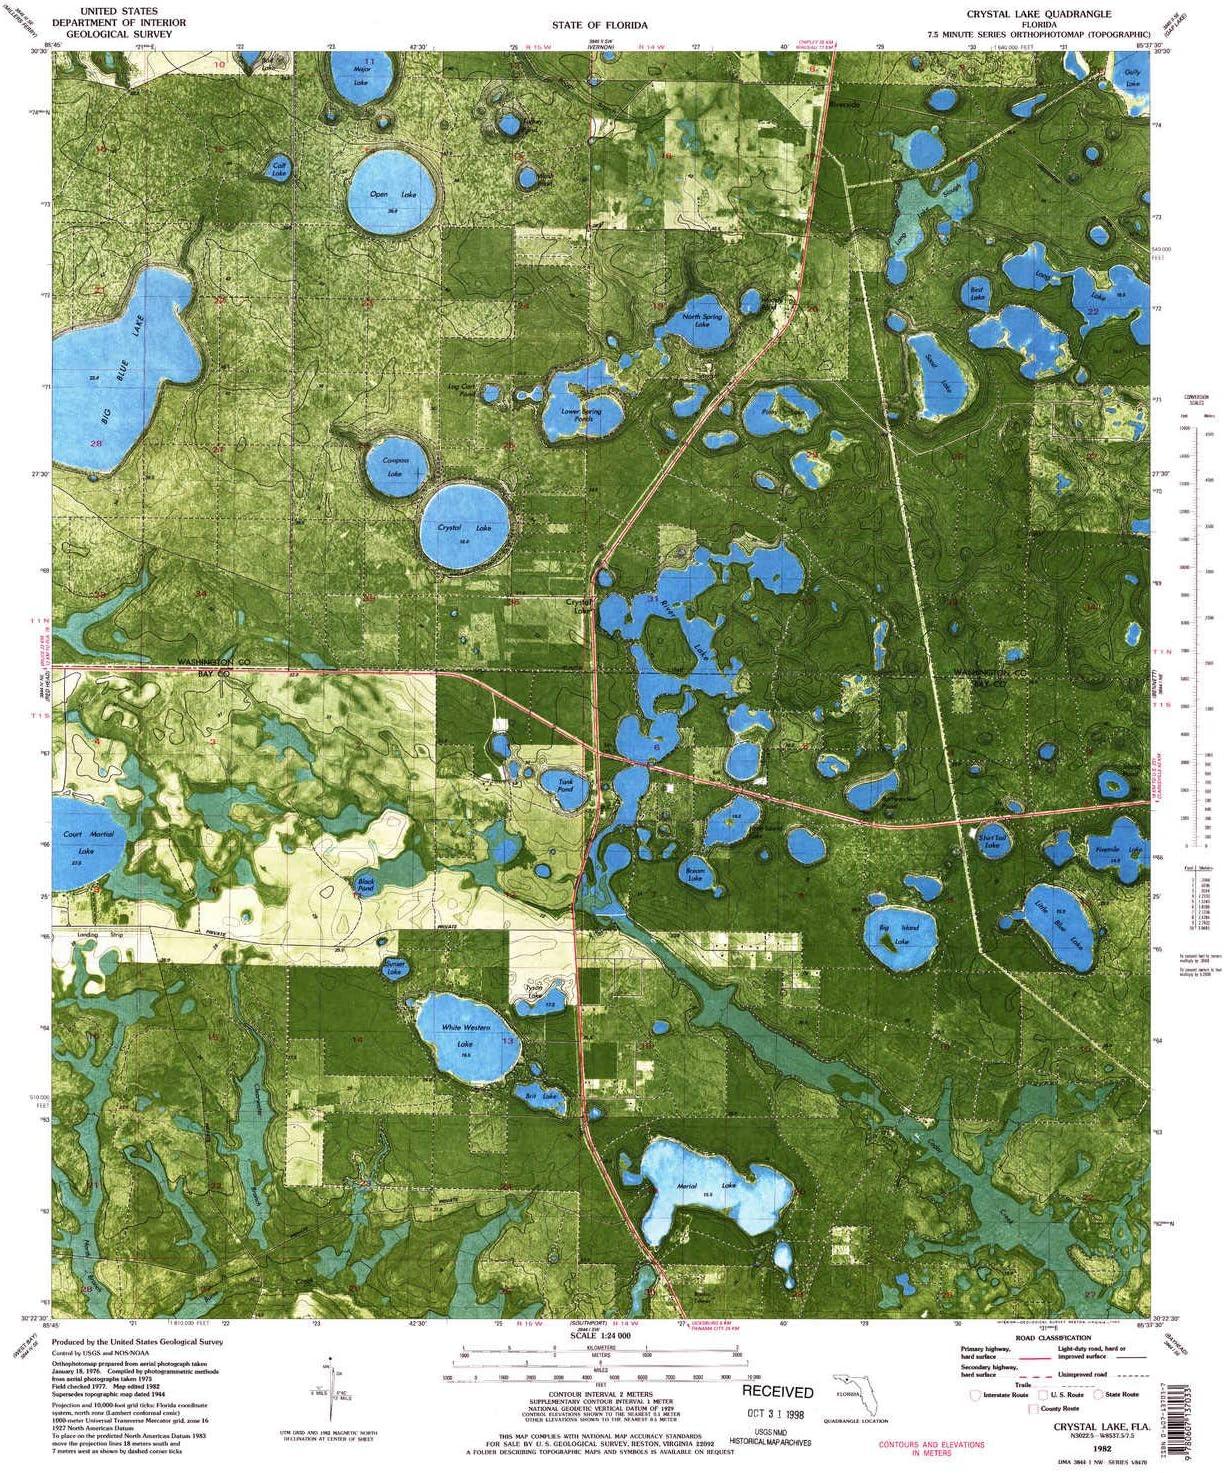 YellowMaps Crystal Lake FL topo map X Store Scale 7.5 1:24000 Super-cheap Mi